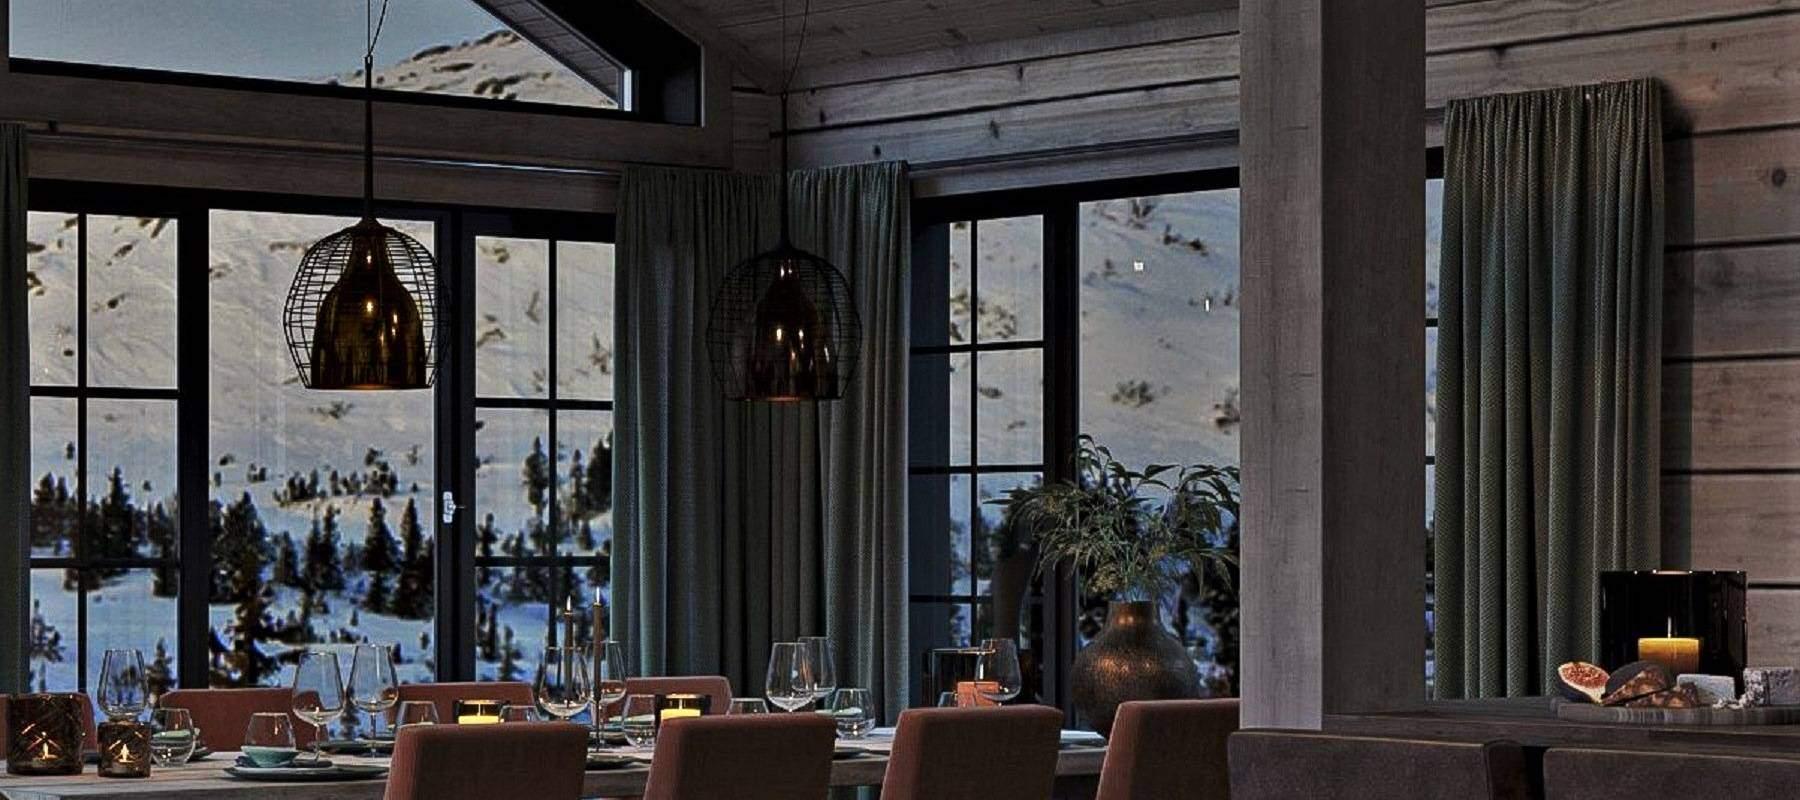 53 Hytte Geilo 155 Spisebordet omrammet med koselige vinduer